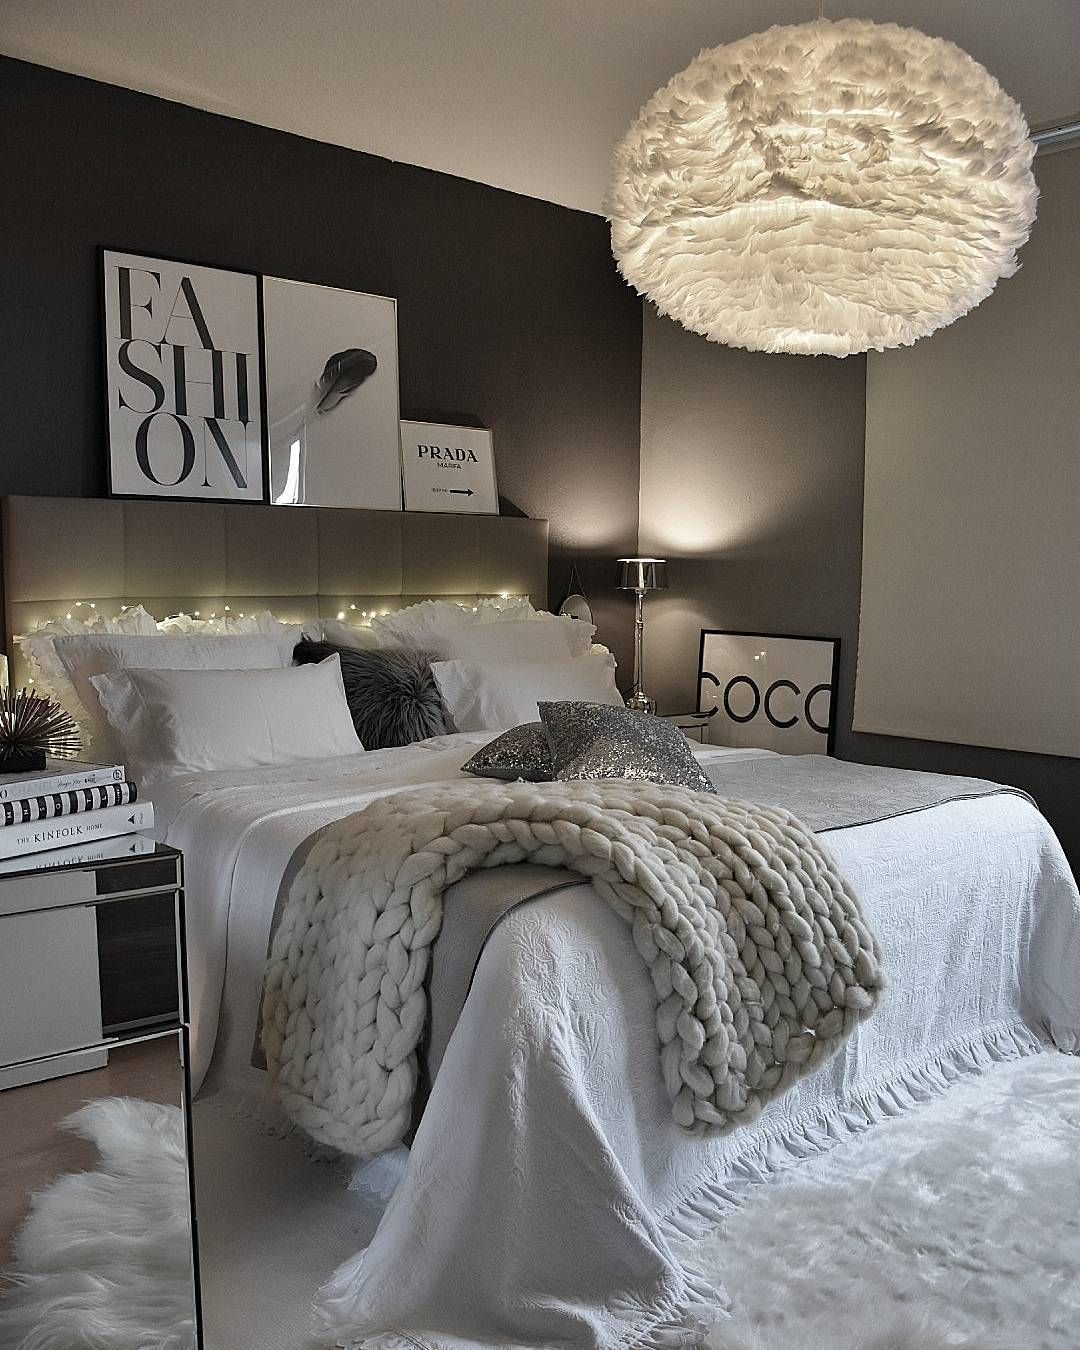 Romantisches schlafzimmer interieur  likerklikk  kommentarer u zeynep zeynepshome på